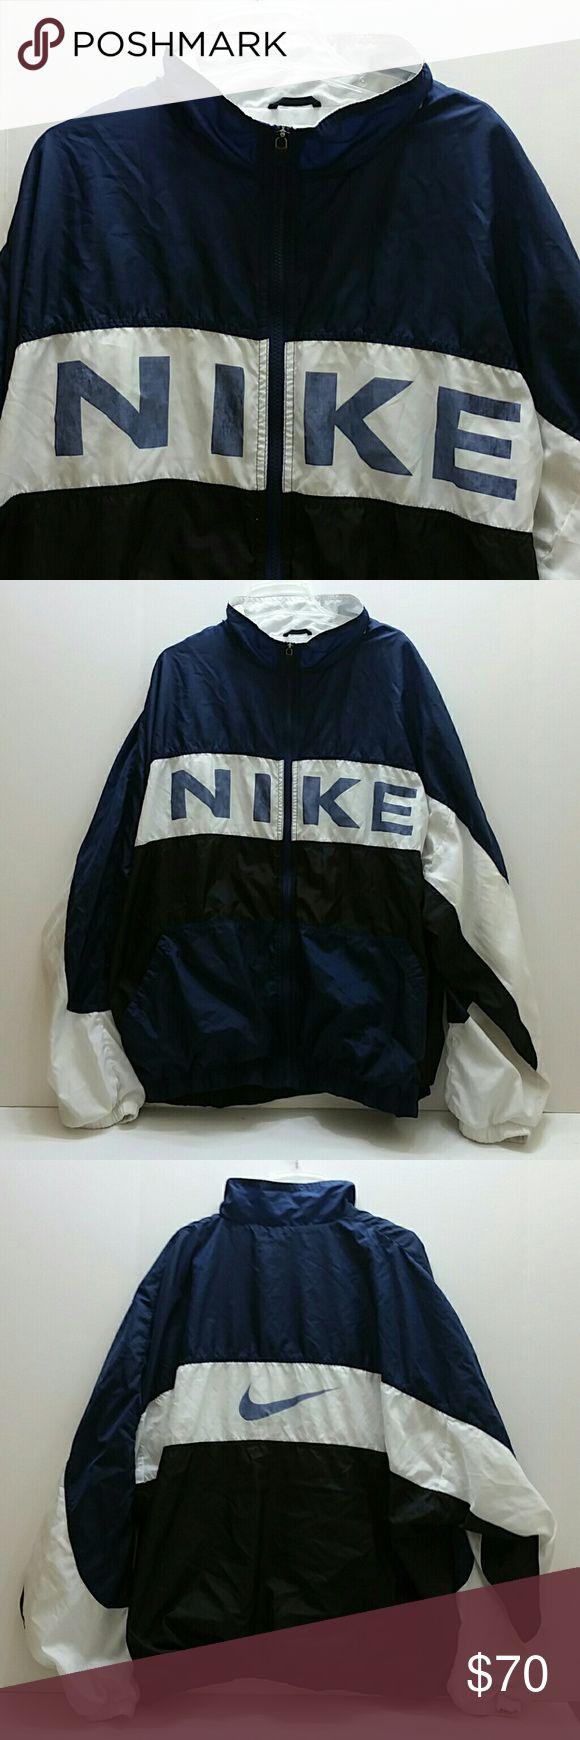 NIKE VINTAGE MEN'S JACKET VERY CLEAN INSIDE-OUT   SKE # POT NIKE Jackets & Coats Windbreakers